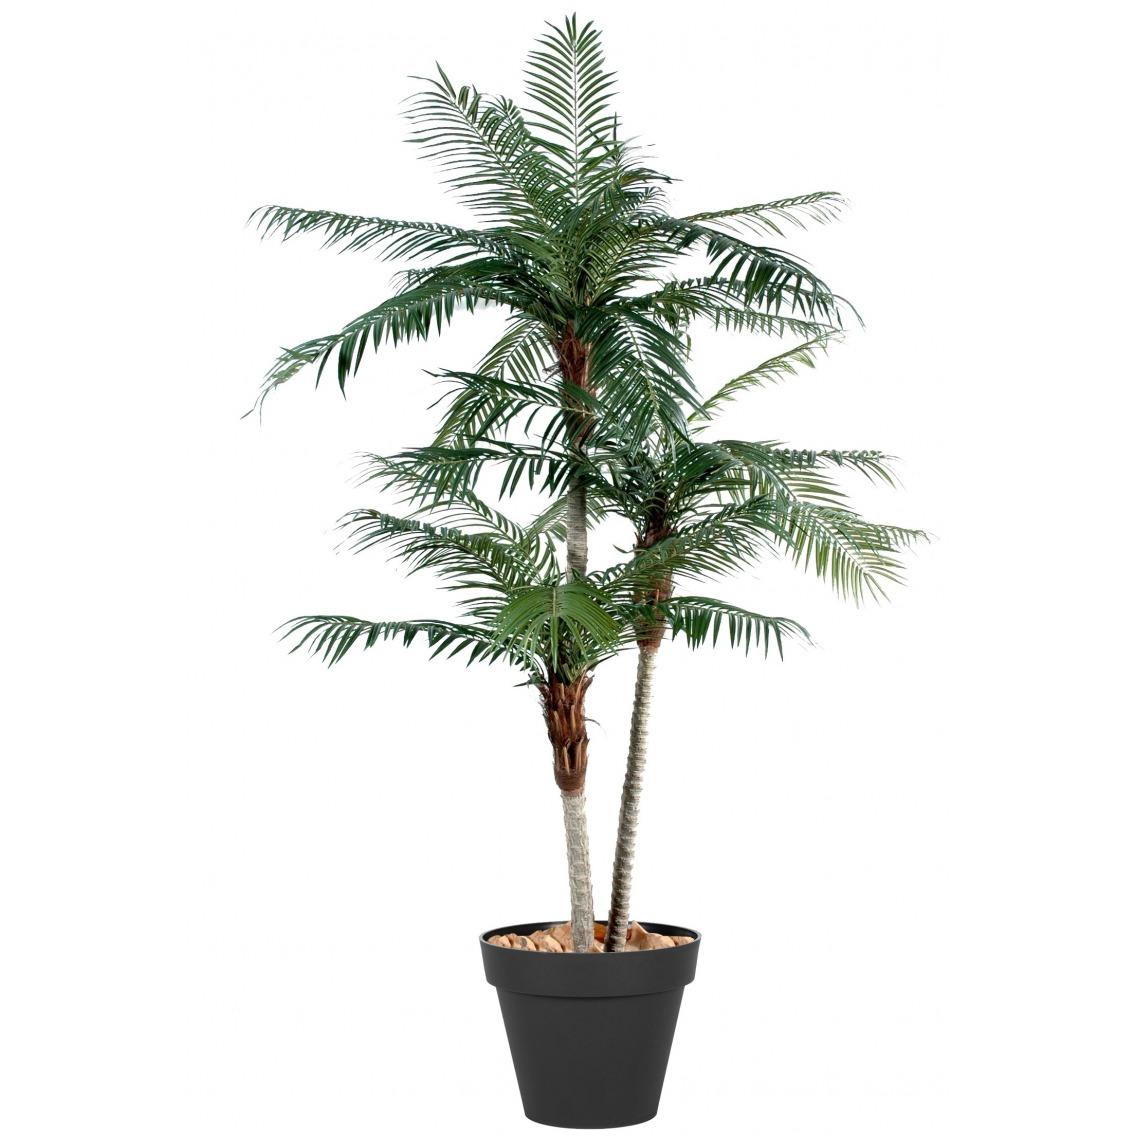 Palmier phoenix artificiel trois troncs